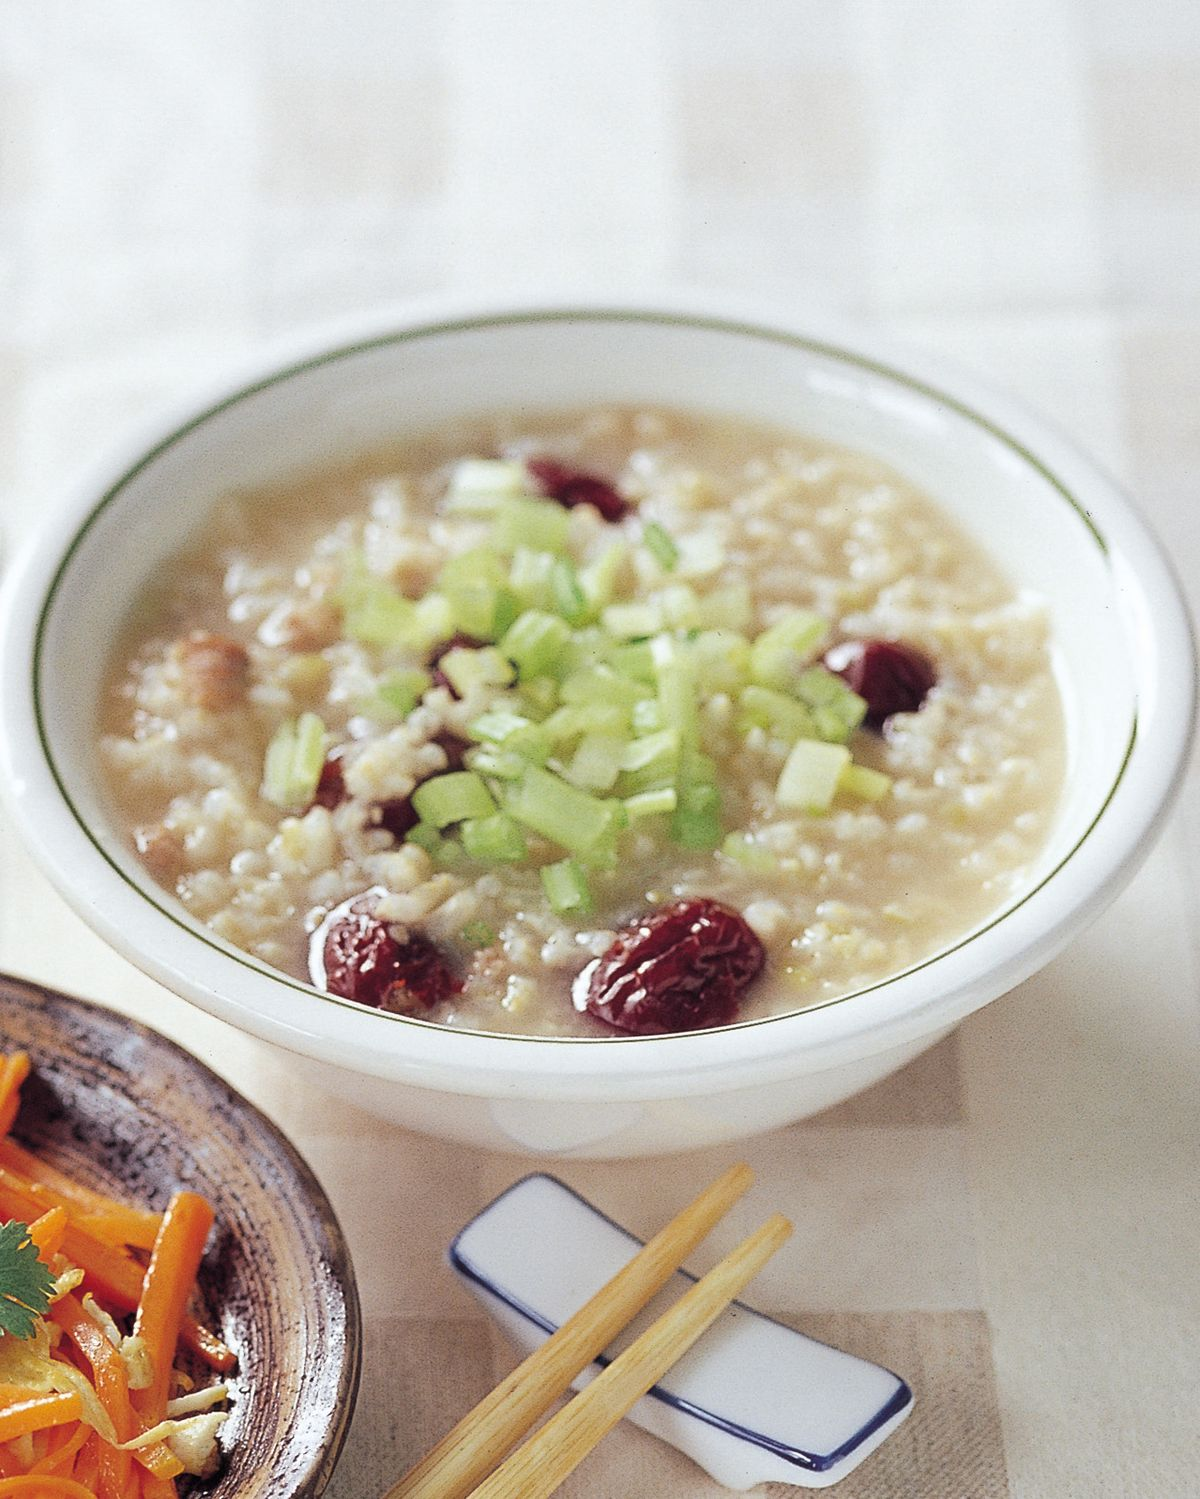 食譜:紅棗糙米粥